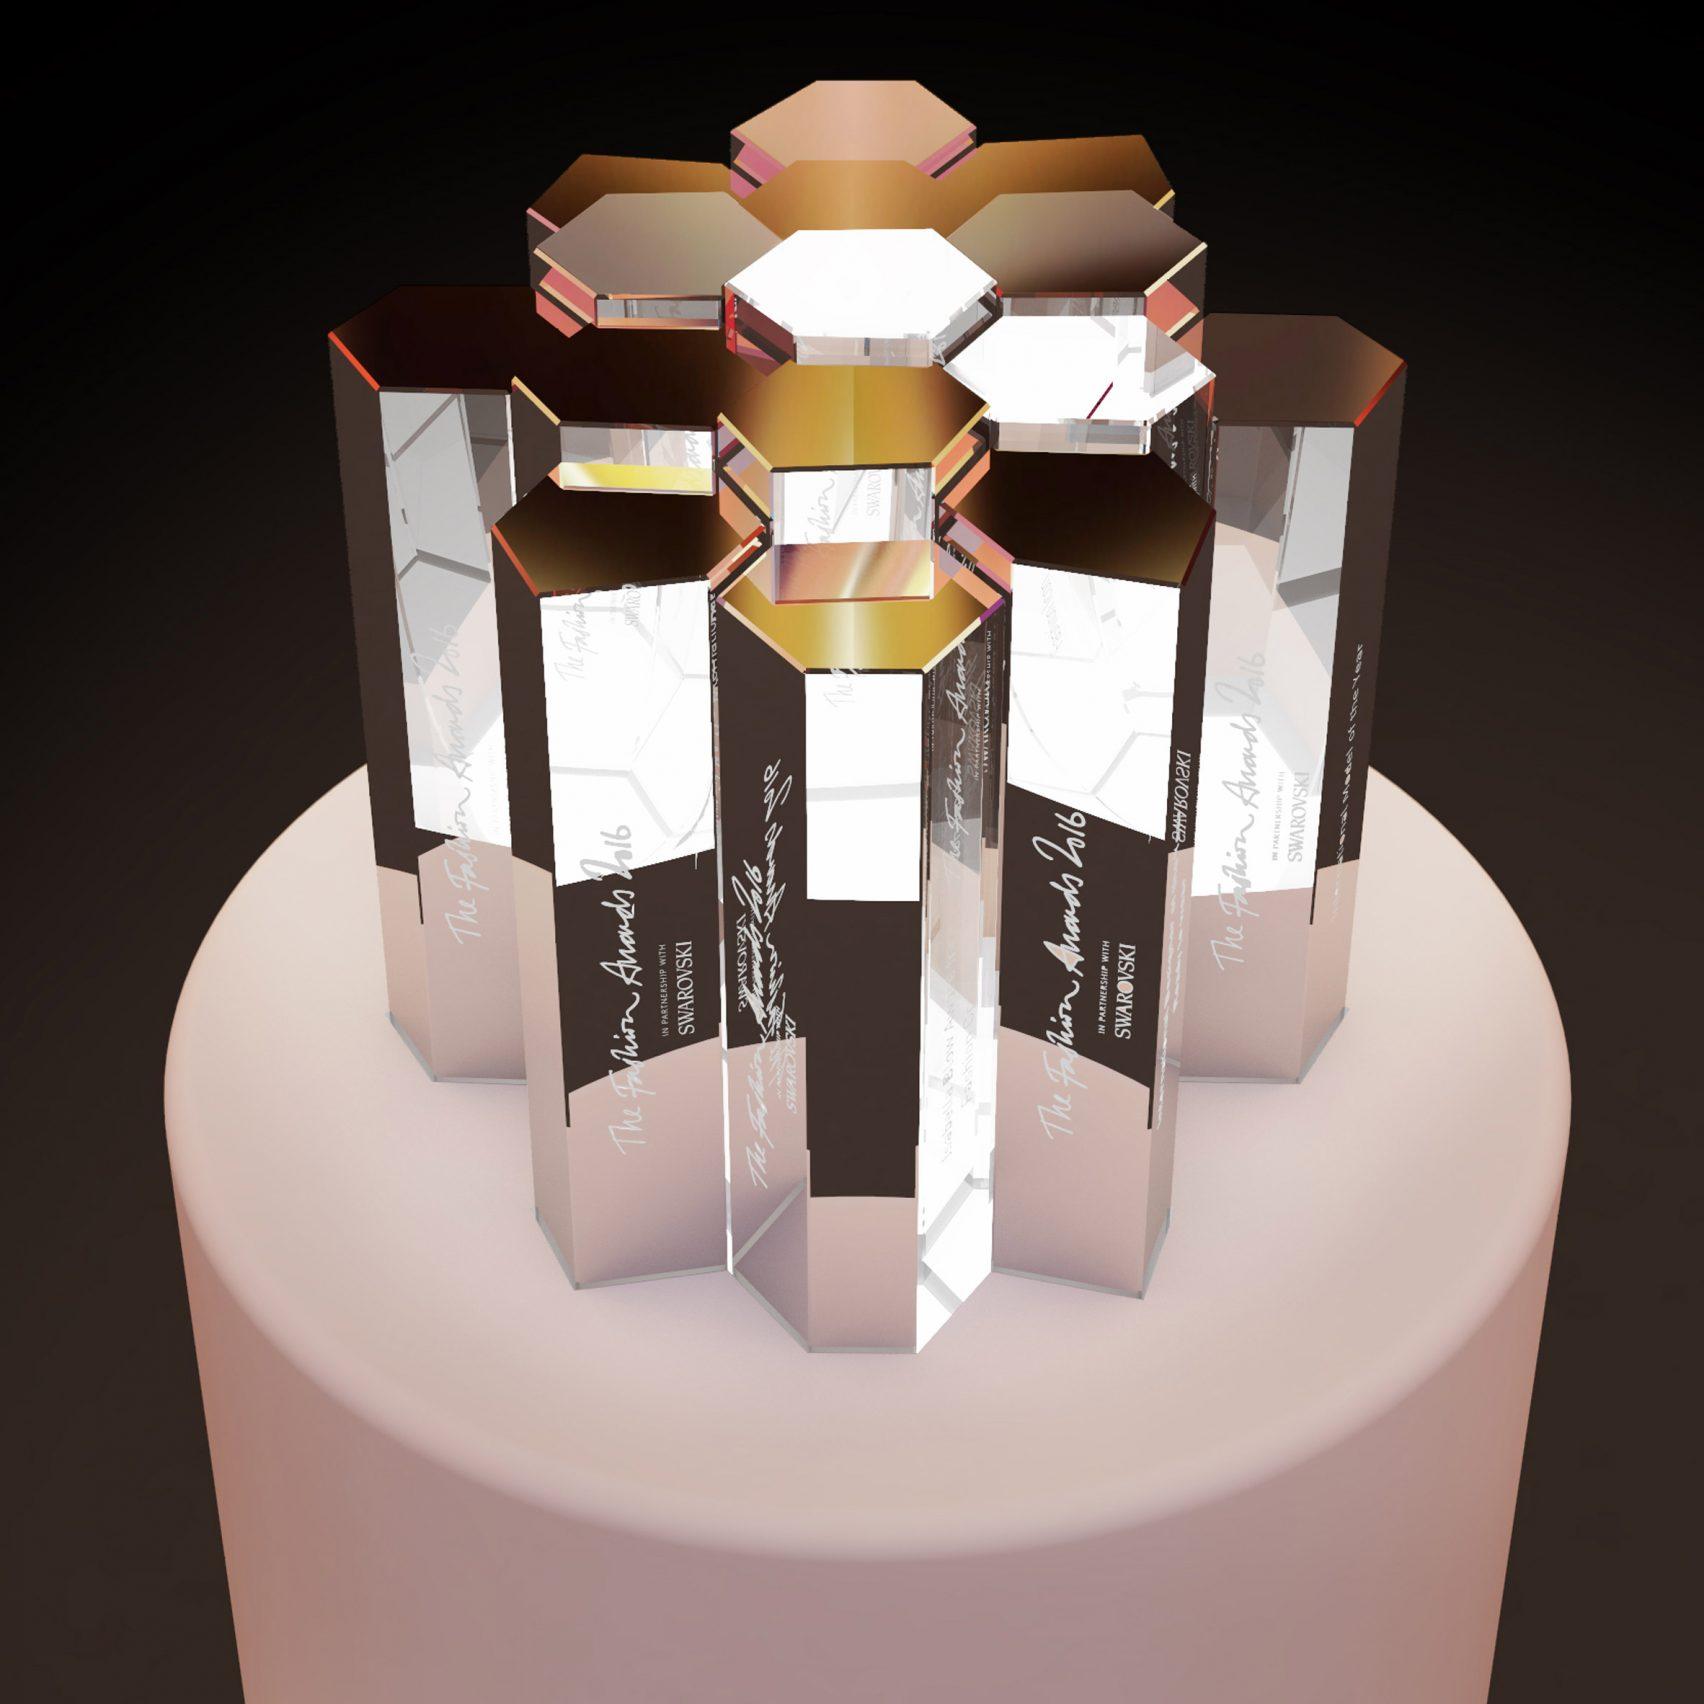 Marc Newson designs Fashion Awards 2016 trophy